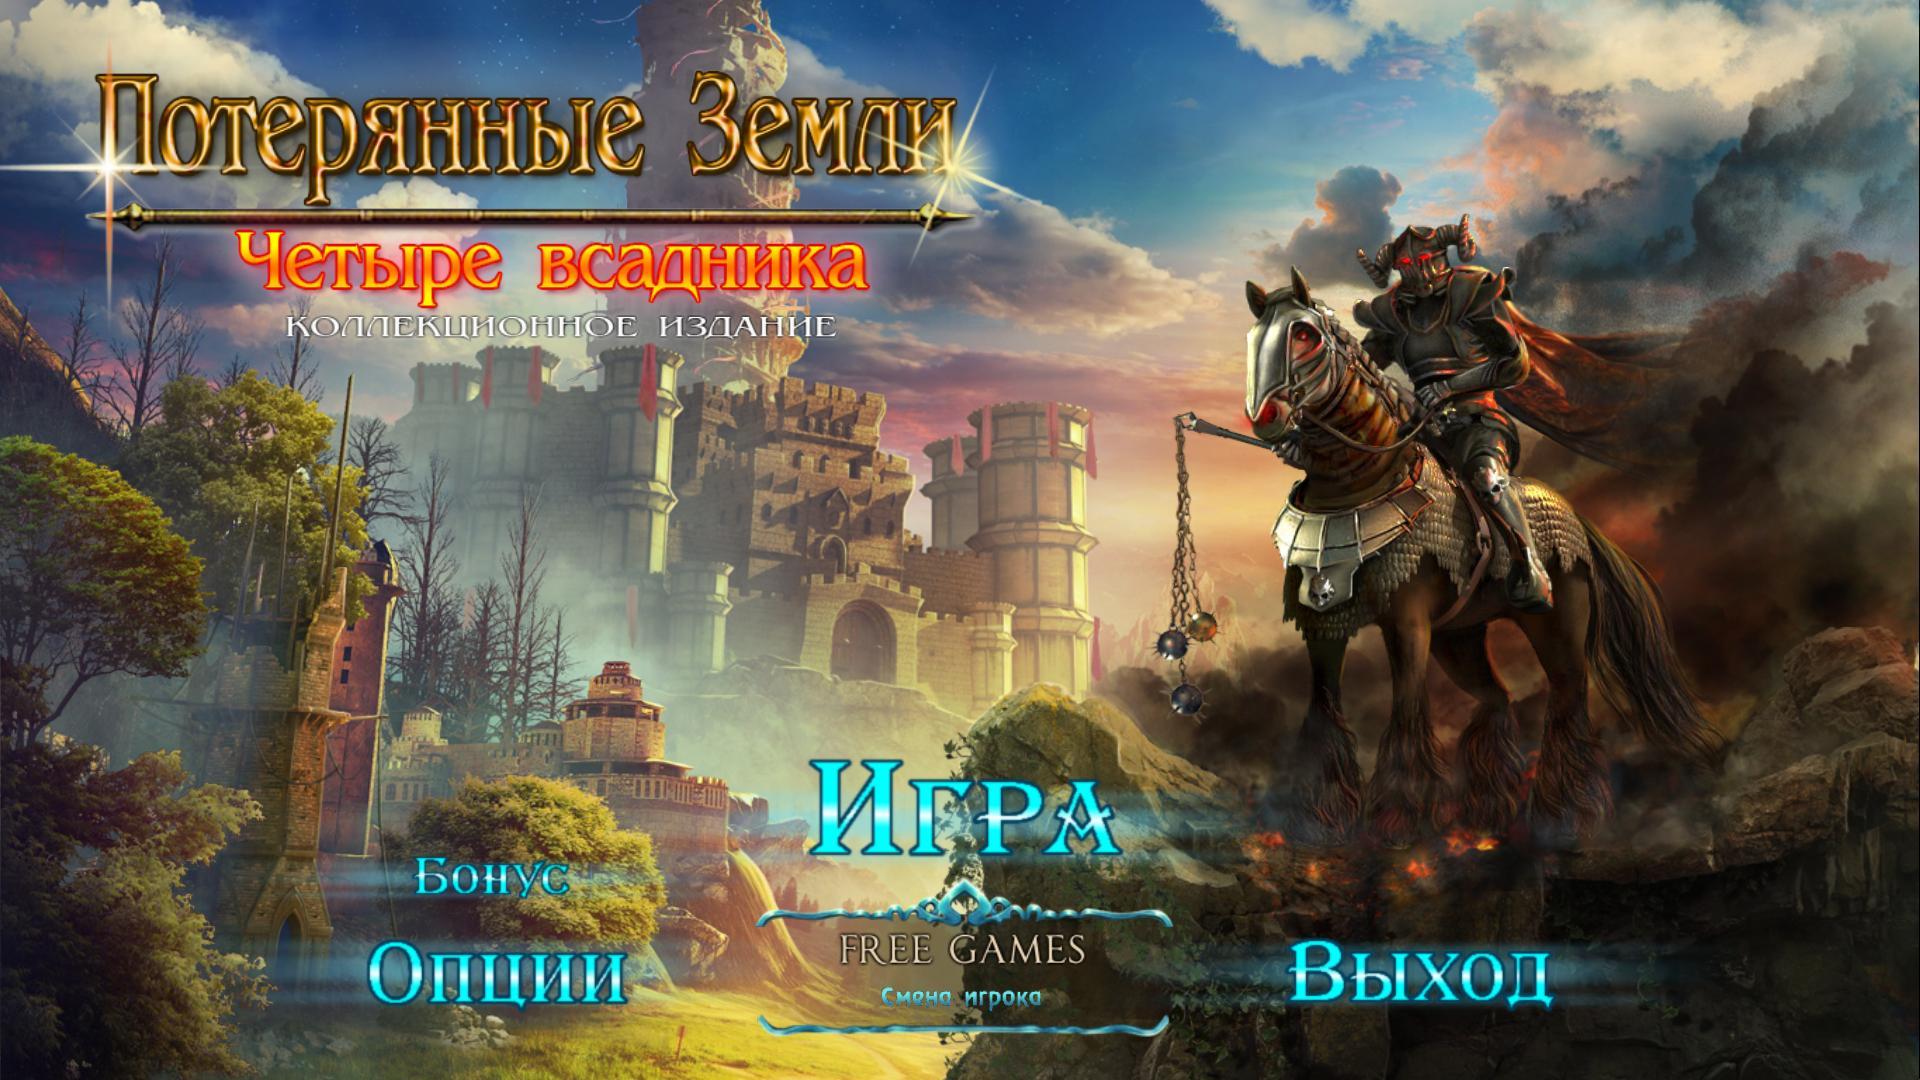 Потерянные Земли. Четыре всадника. Коллекционное издание   Lost Lands 2: The Four Horsemen CE (Rus)